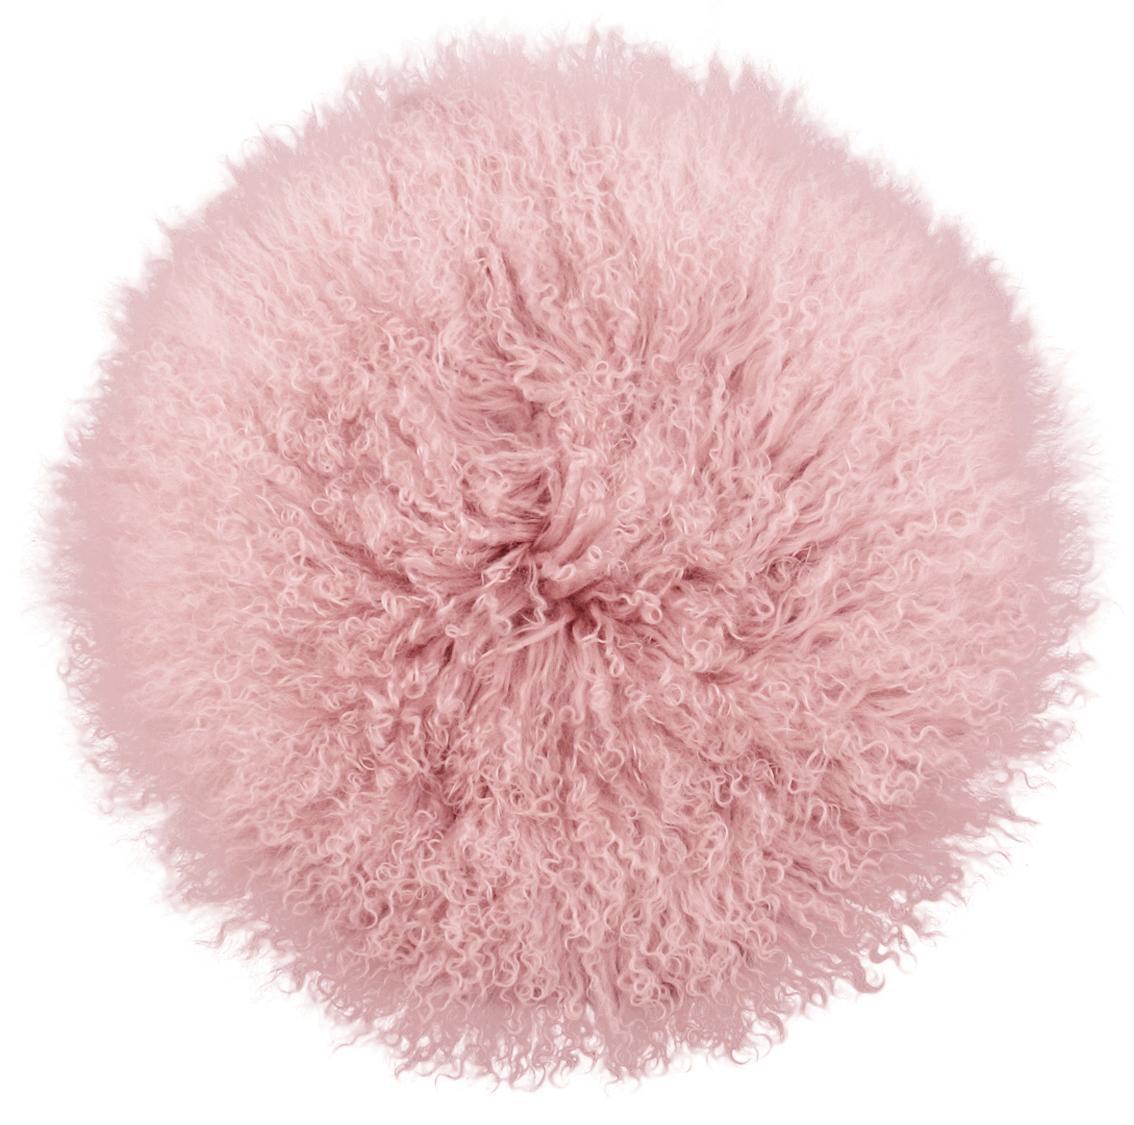 Zitkussen van langharige schapenvacht Ella, Bovenzijde: 100% Mongoolse schapenvac, Onderzijde: 100% polyester, Roze, Ø 37 cm